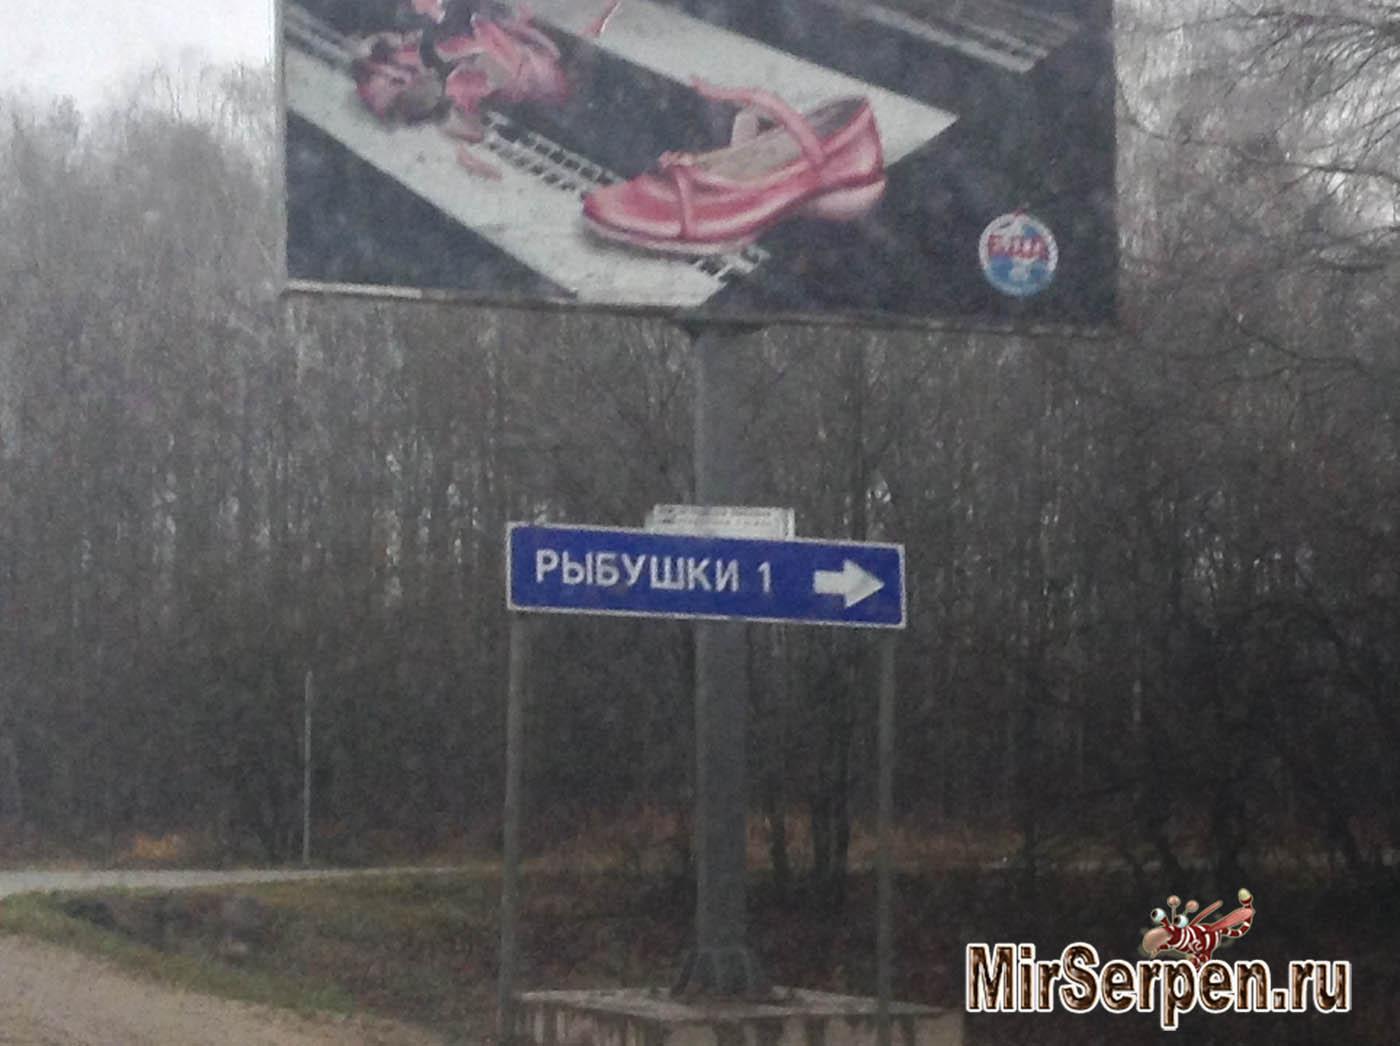 Деревня Рыбушки, Московская область, Россия